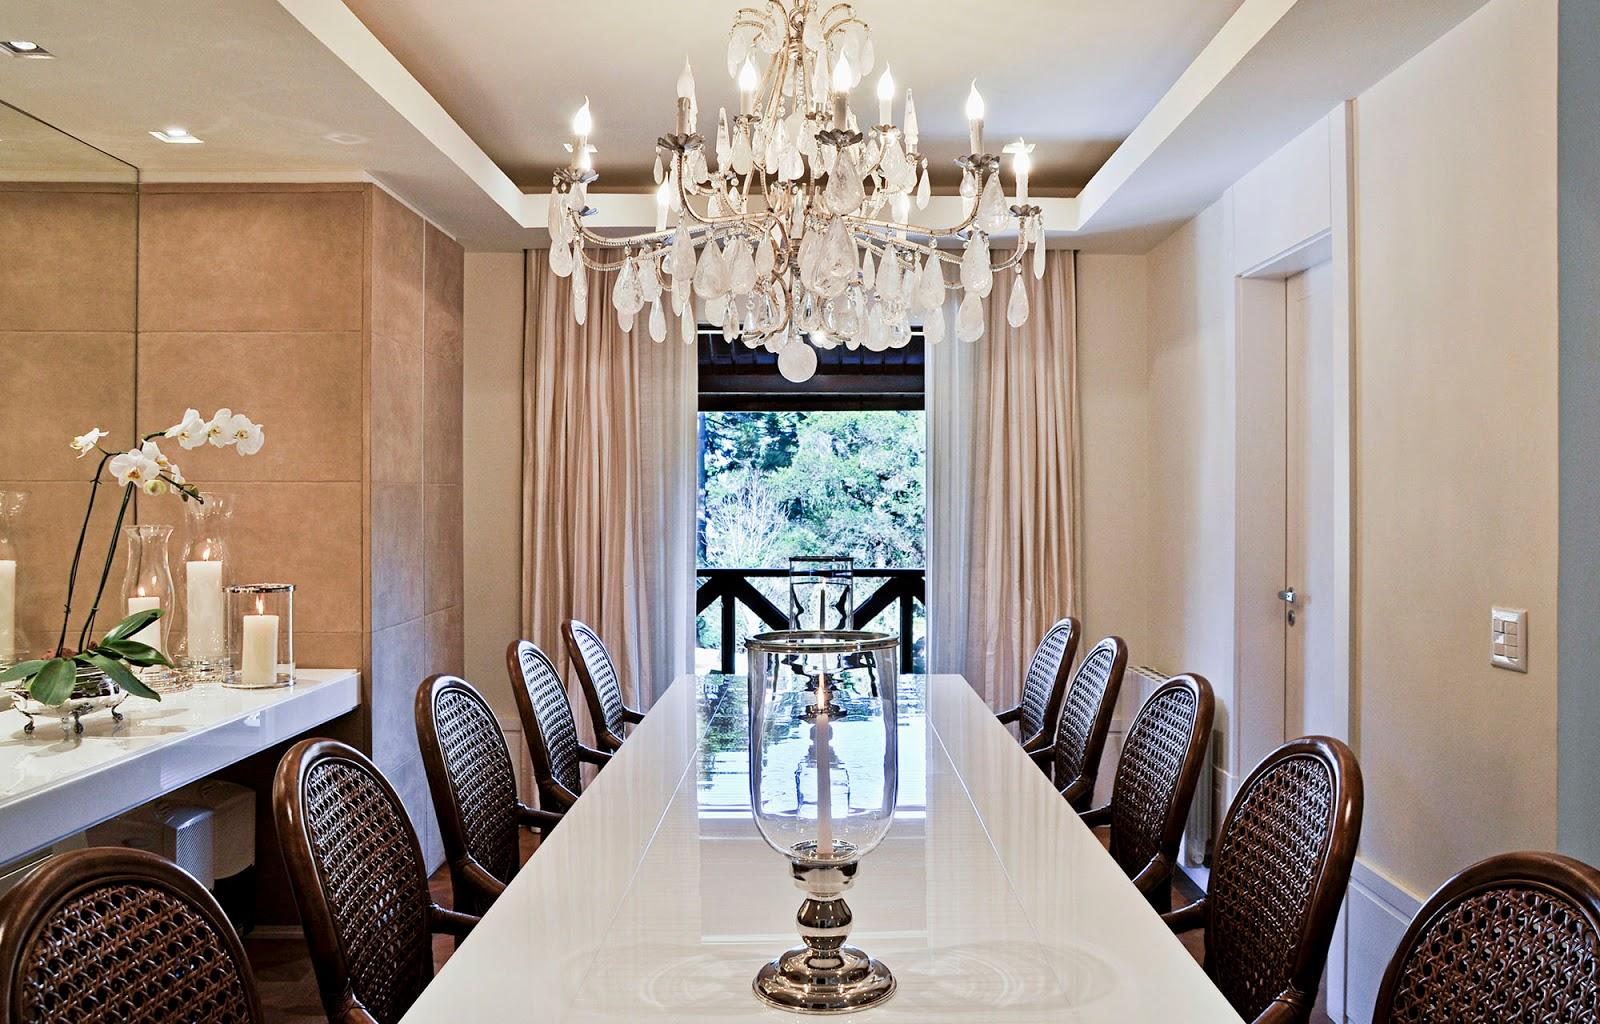 15 Salas De Jantar Com Lustres Cl Ssicos Veja Ambientes Lindos  -> Lustre Para Sala De Jantar Dourado